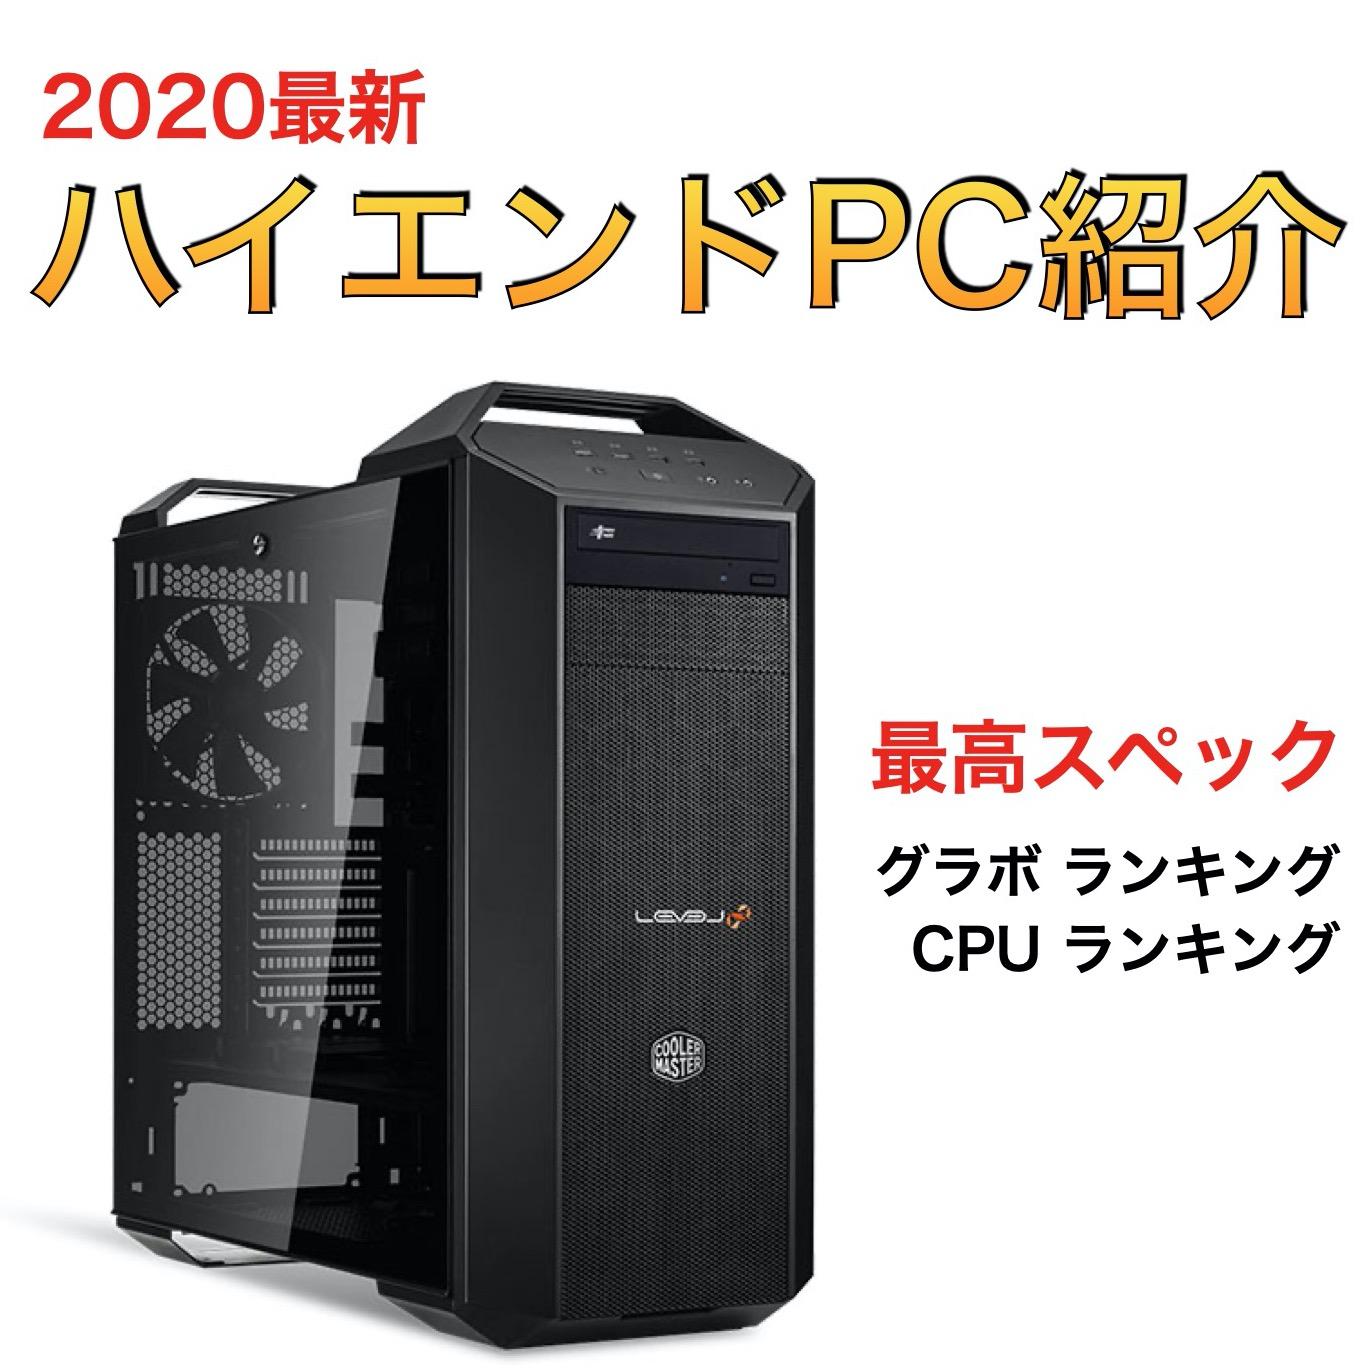 ゲーミングPC_2020最新_ハイエンド